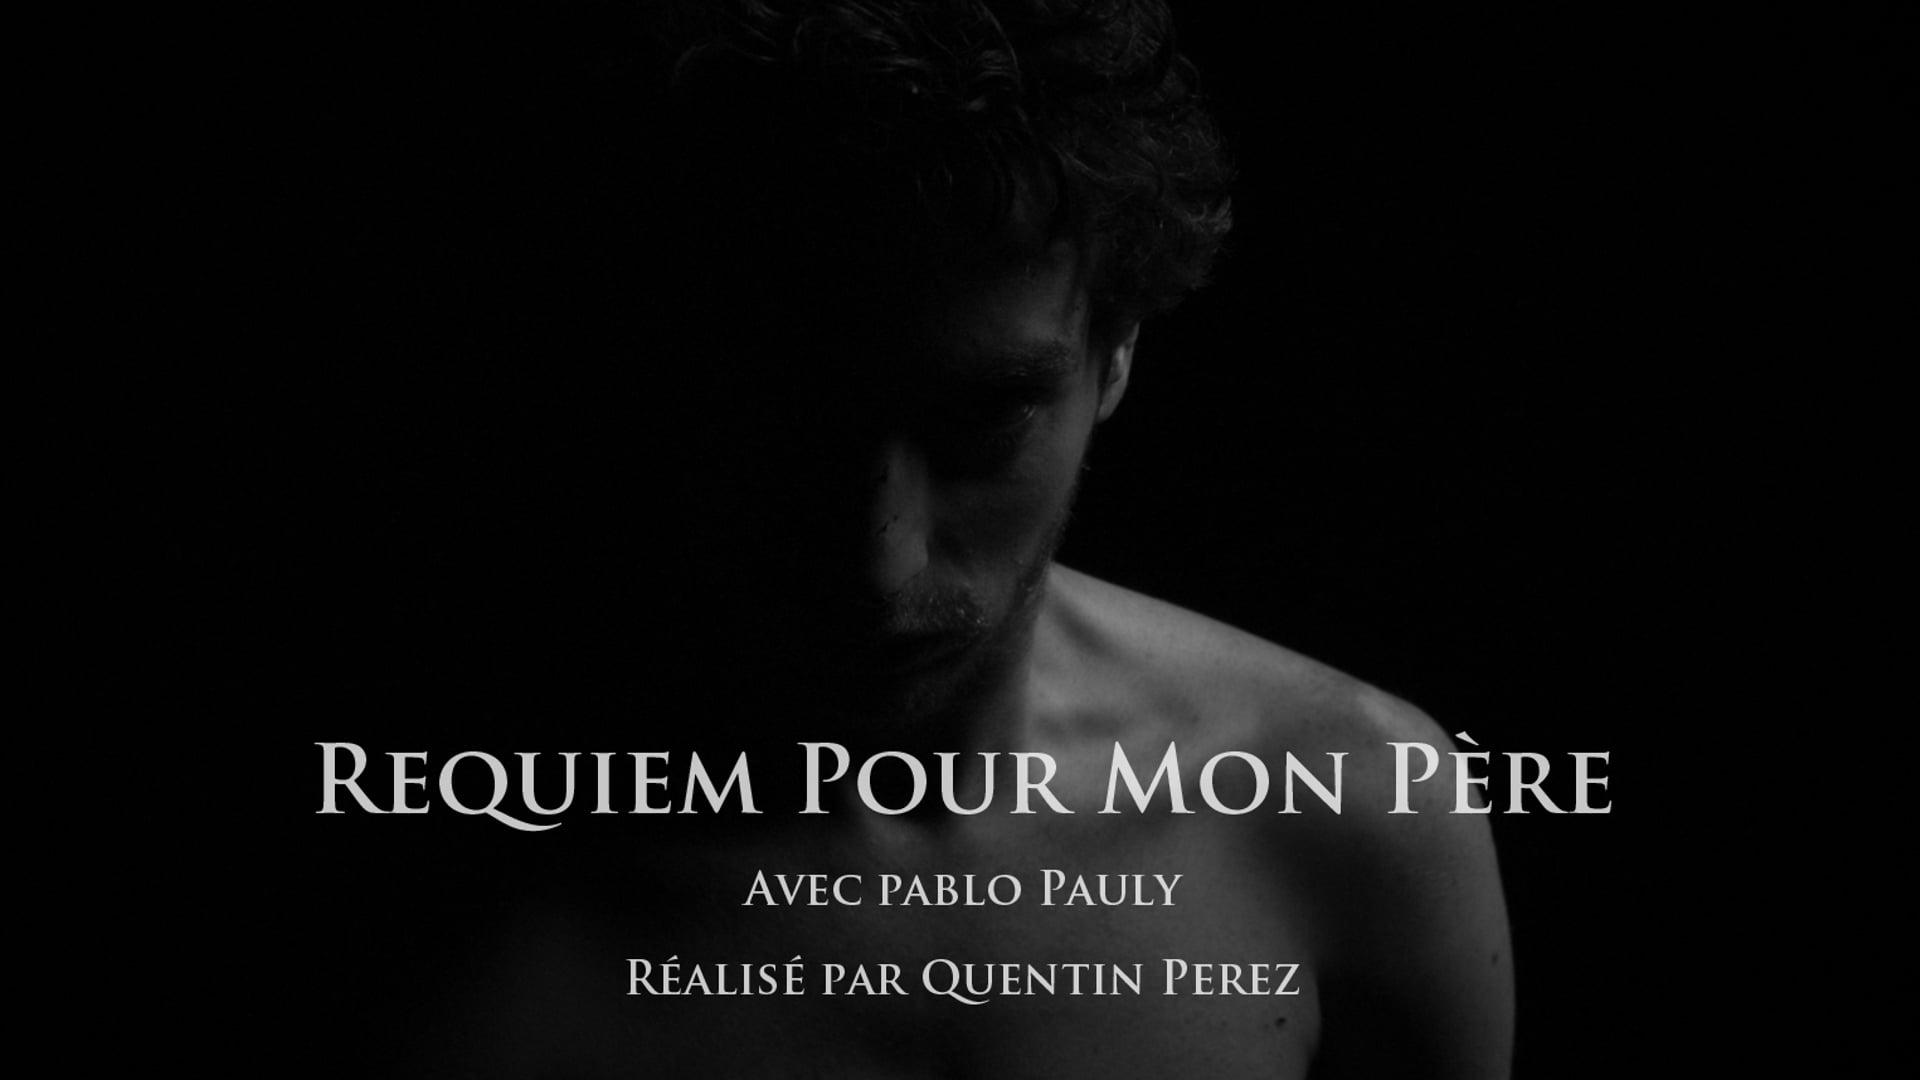 Requiem pour mon père - Bande annonce